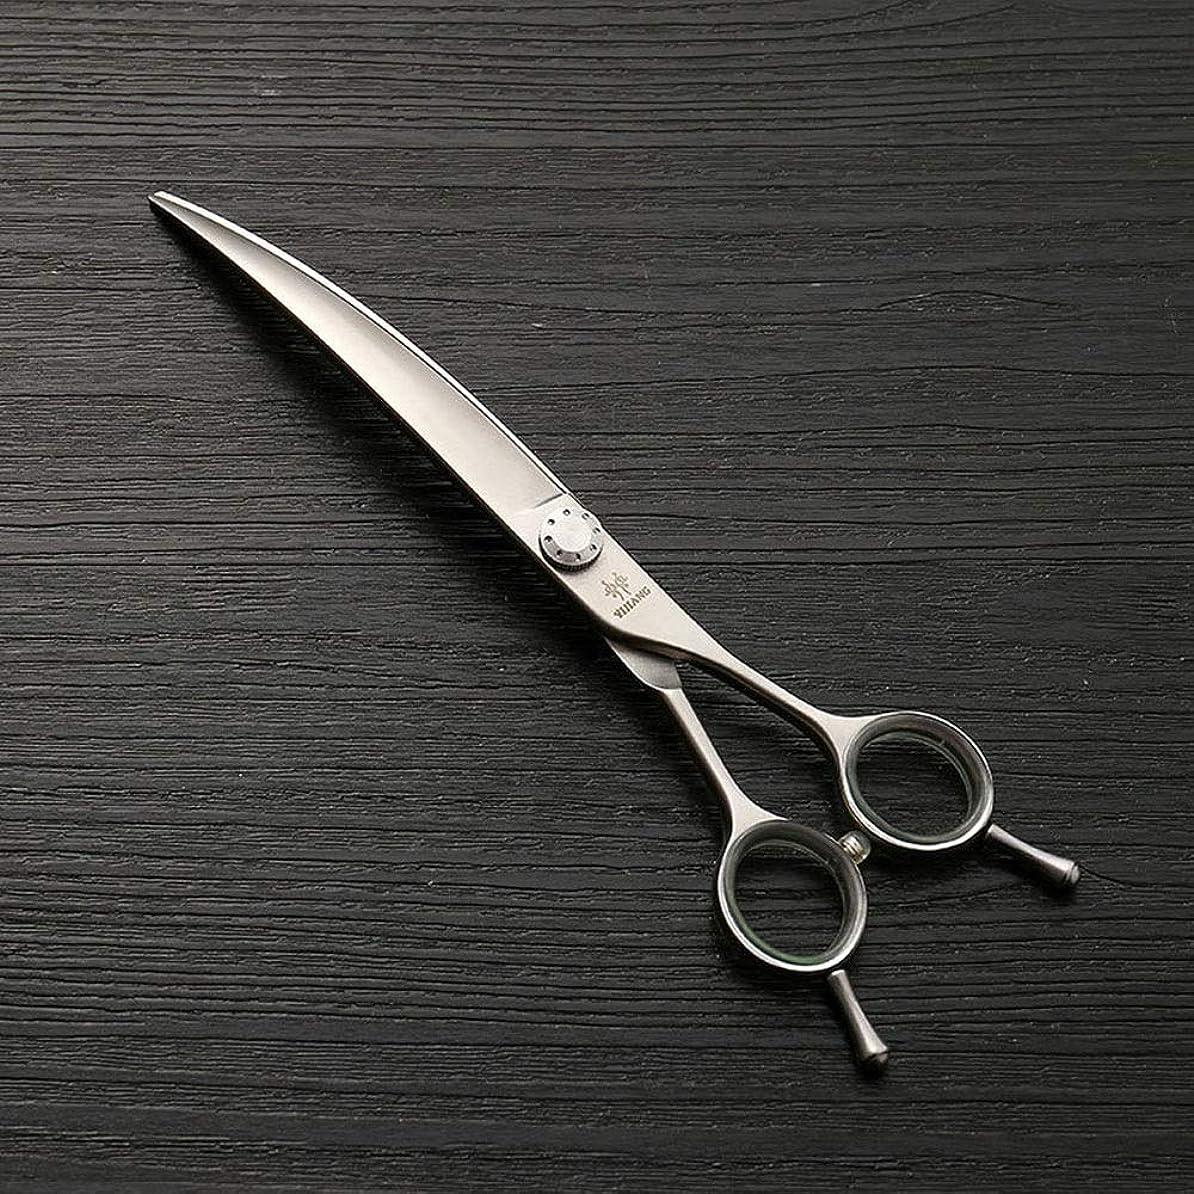 特許ルート反論Goodsok-jp 7.5インチペットグルーミングハサミ、ペットグルーマープロのヘアカットツールセット (色 : Silver)